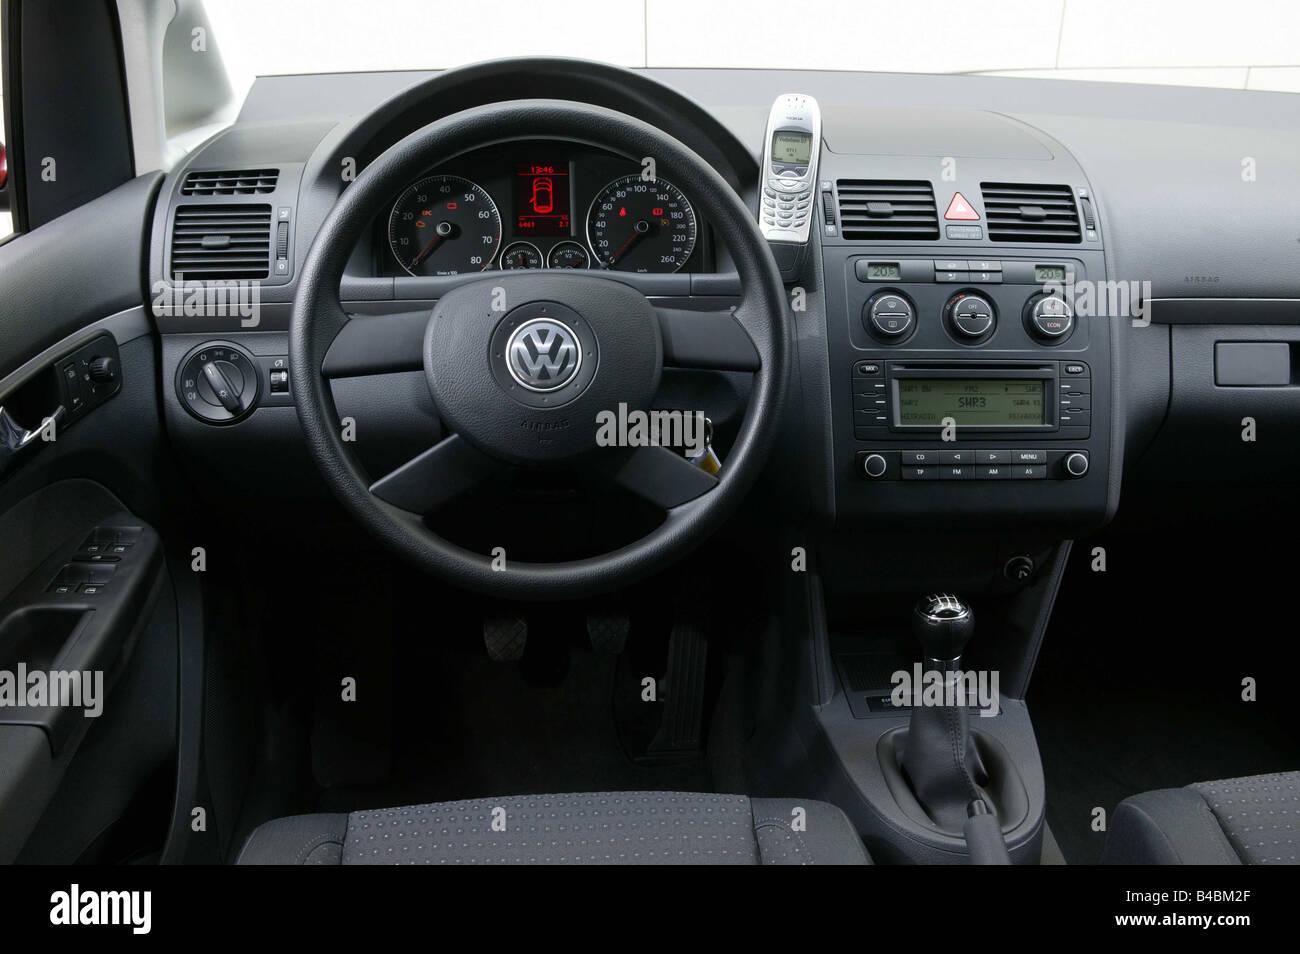 Car Vw Volkswagen Touran Van Model Year 2003 Red